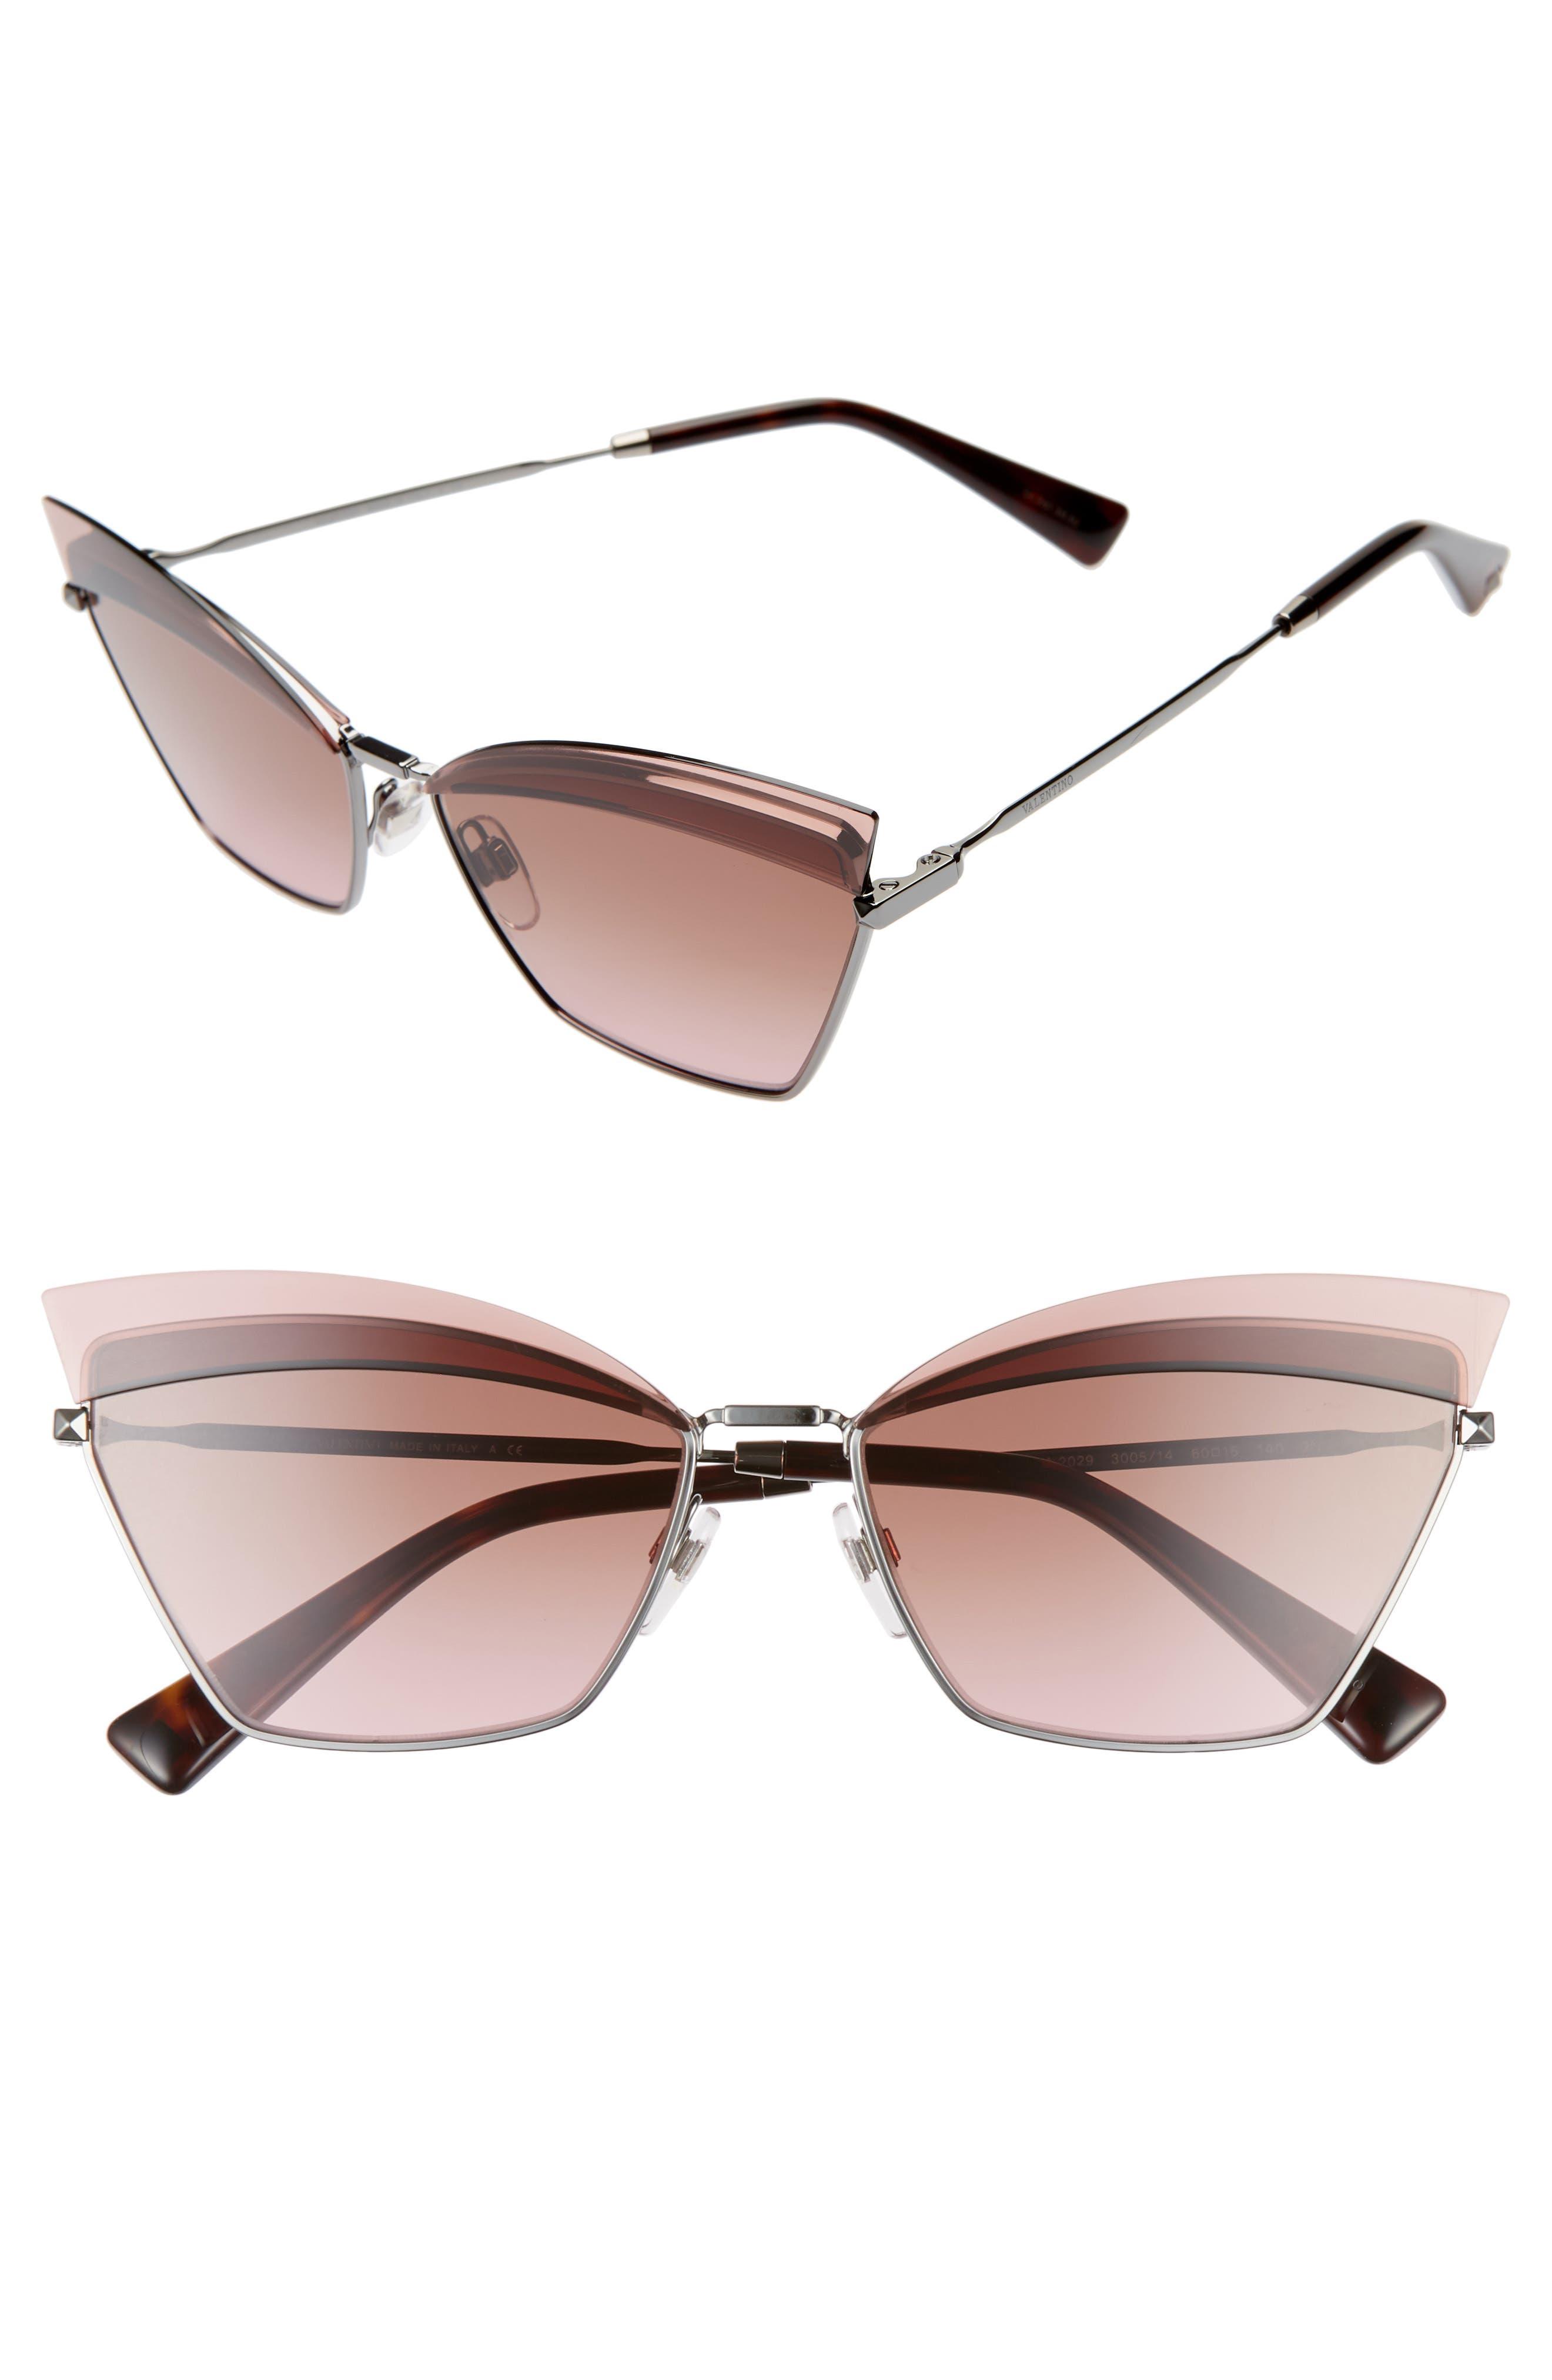 Valentino 60Mm Cat Eye Sunglasses -